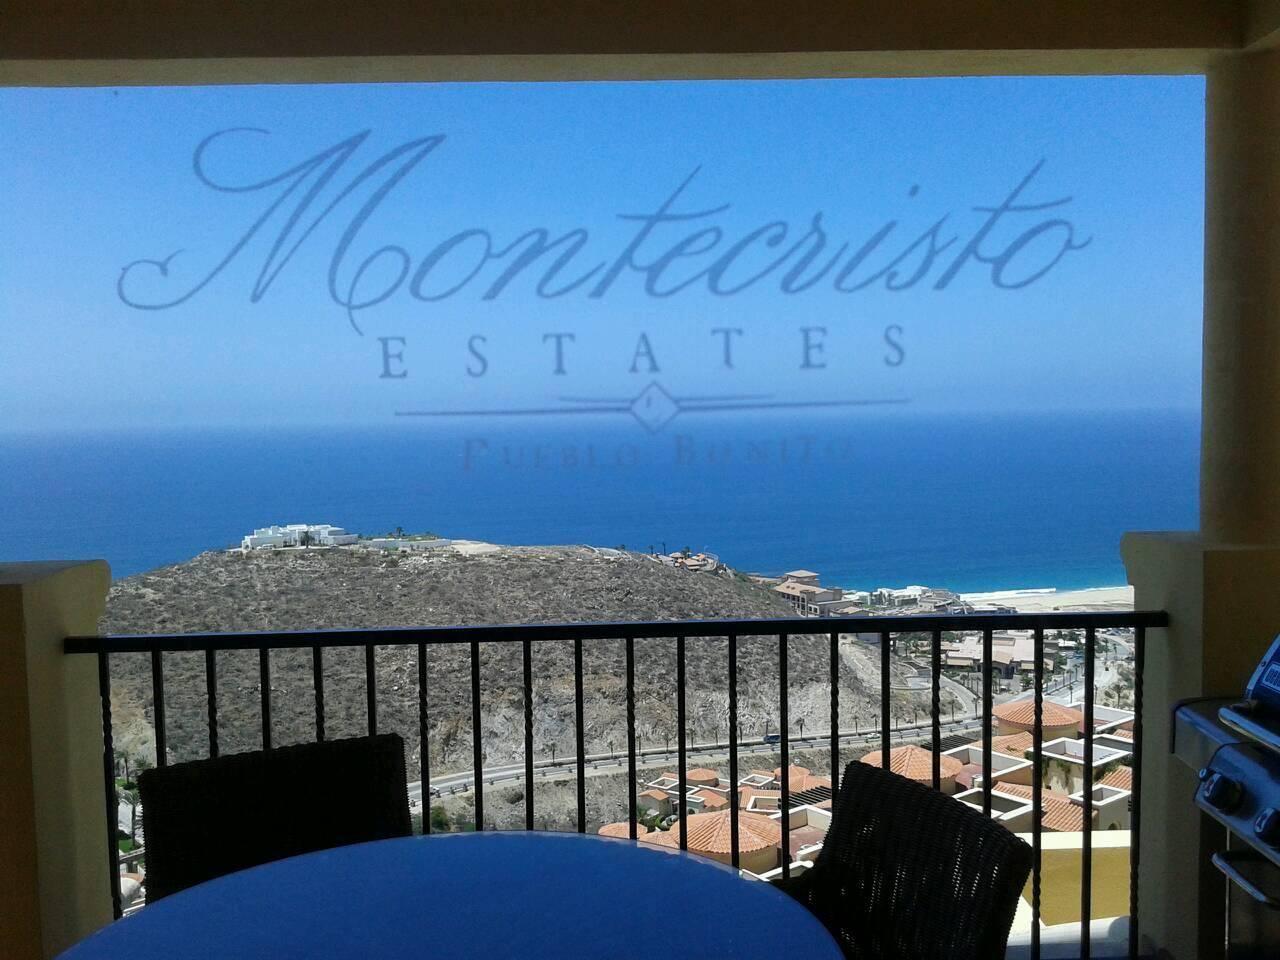 Montecristo Estates by Pueblo Bonito image